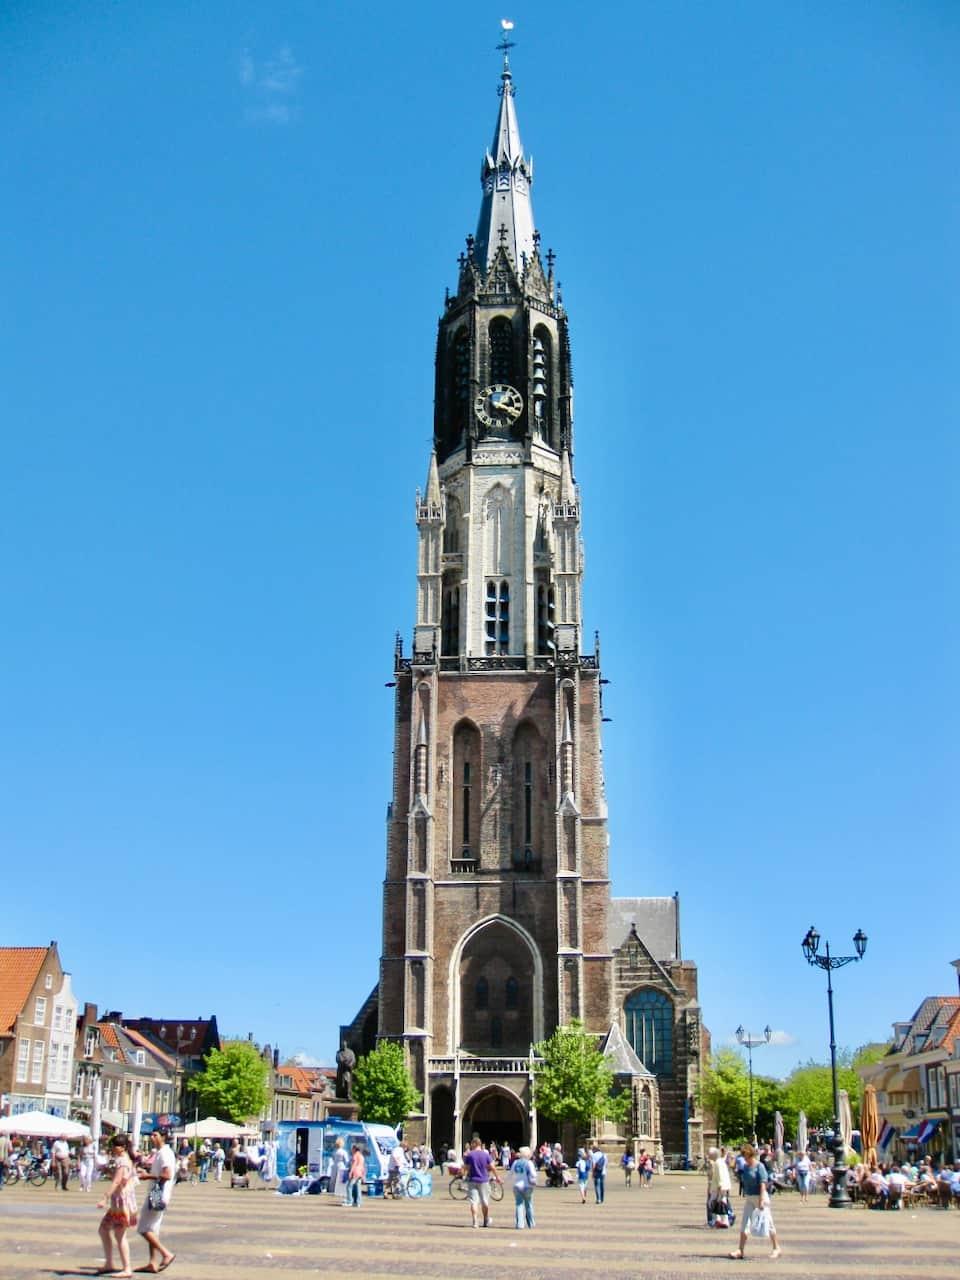 nieuwe-kerk-delft-photo